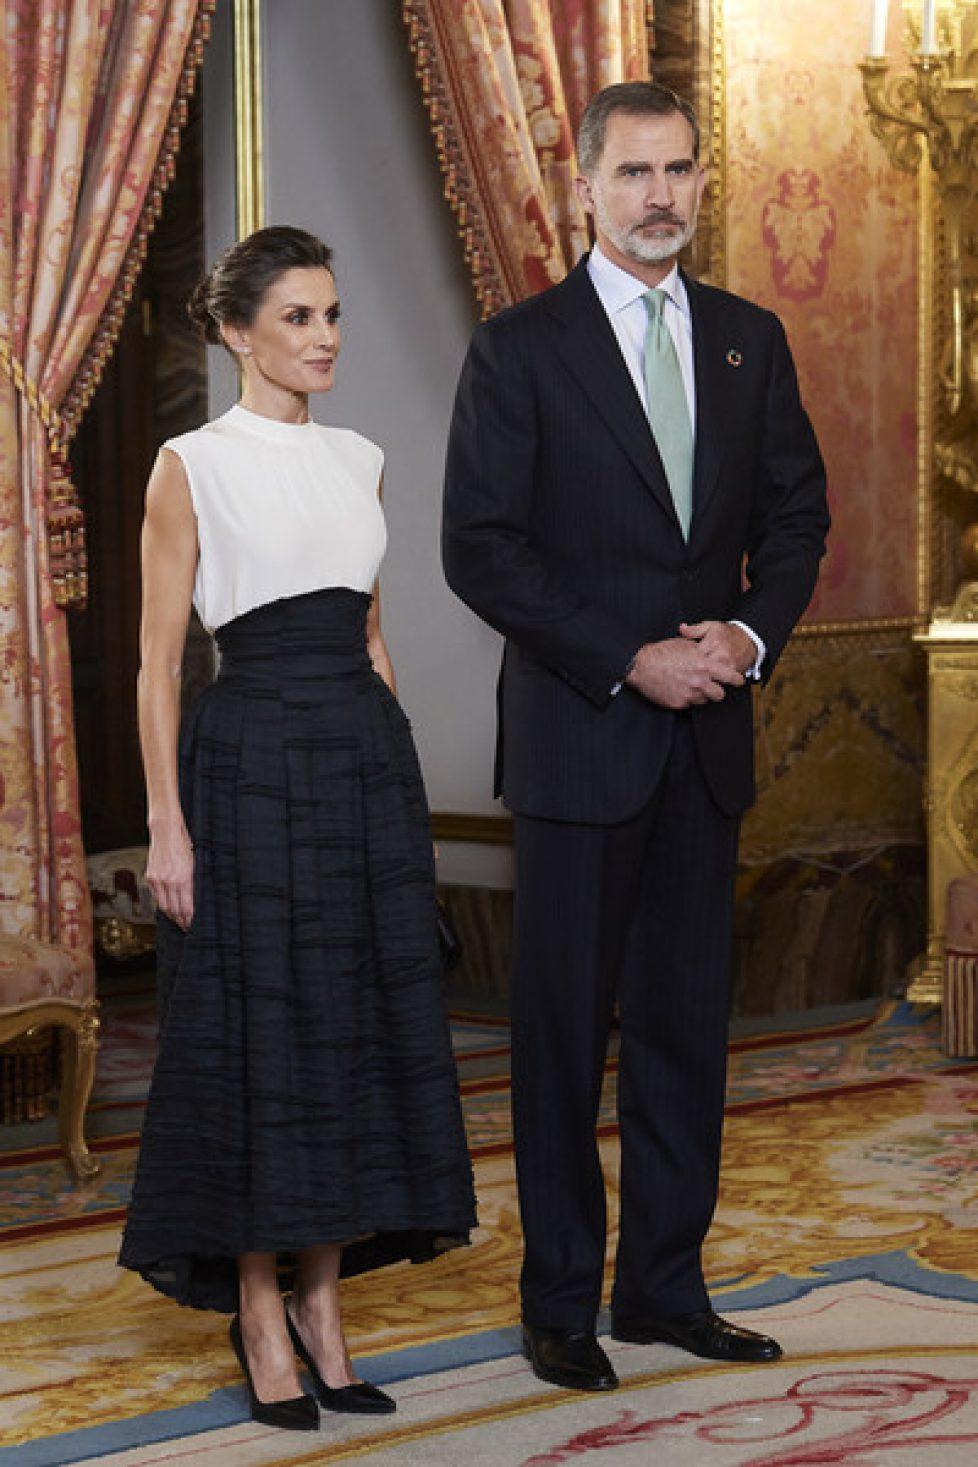 Spanish+Royals+Receive+COP25+Participants+eb5eG2fRG01l